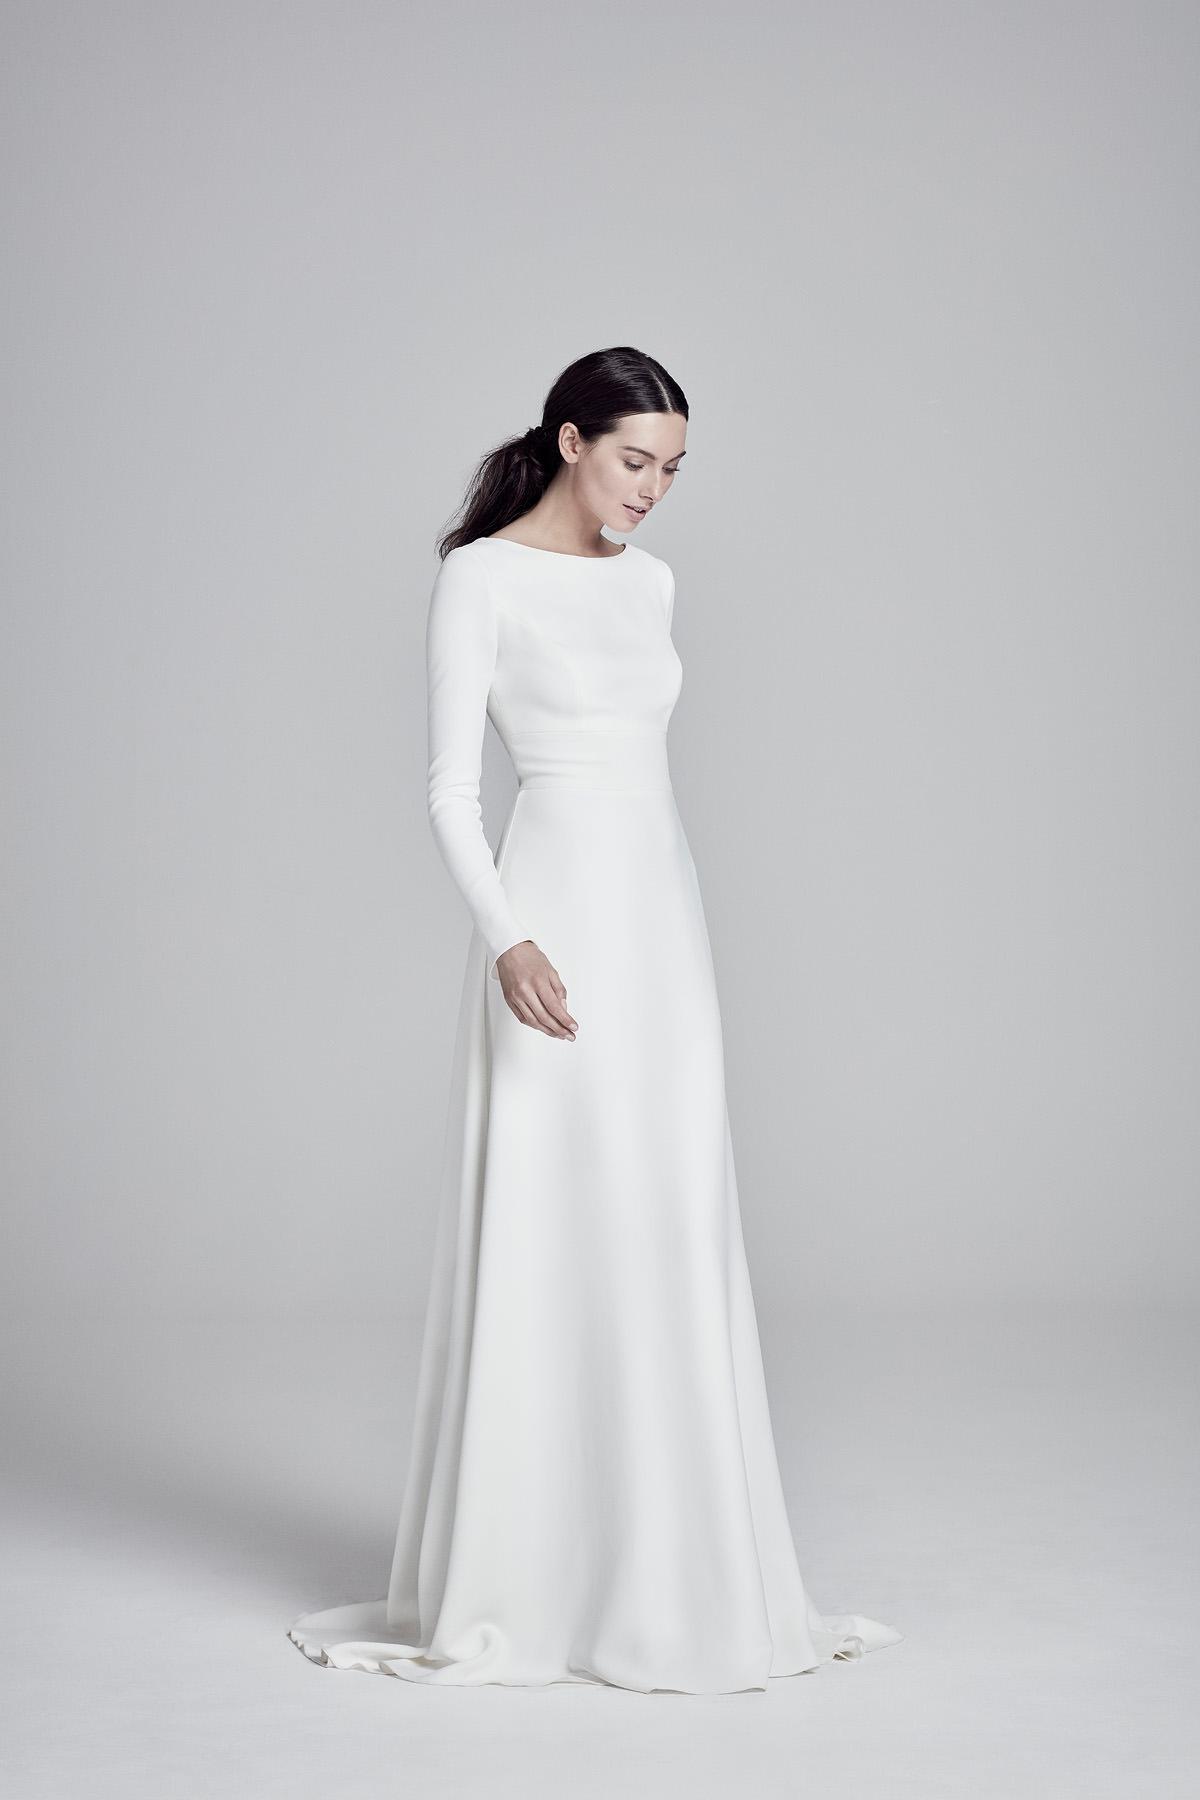 6549af0d11 bride wearing Adair wedding dress by Suzanne Neville